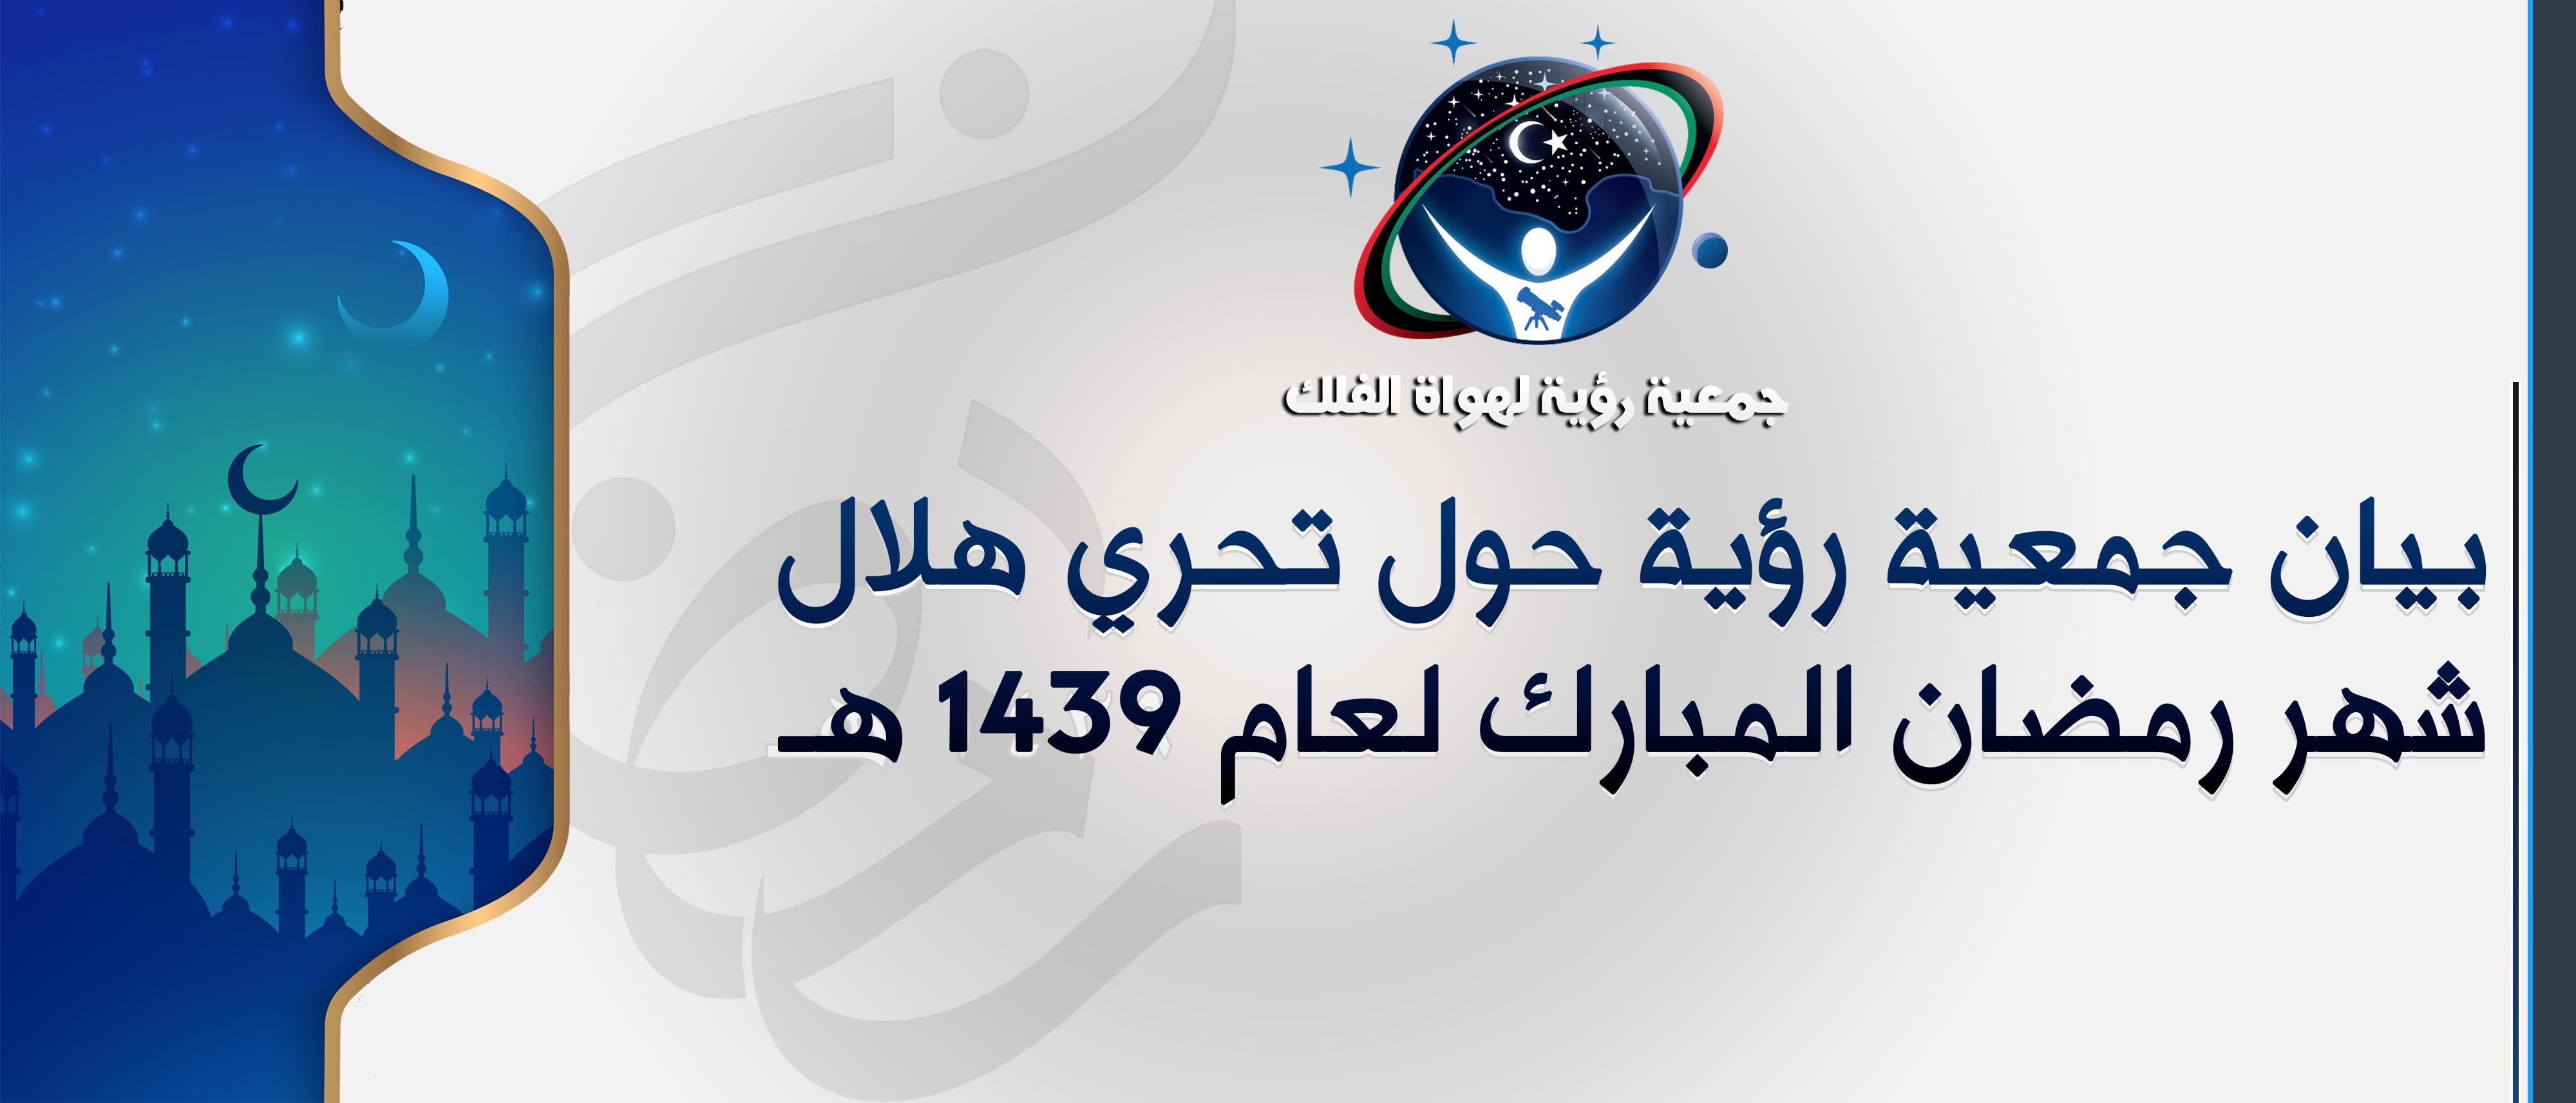 بيان جمعية رؤية حول تحري هلال شهر رمضان المبارك لعام 1439 هـ رؤية لهواة الفلك